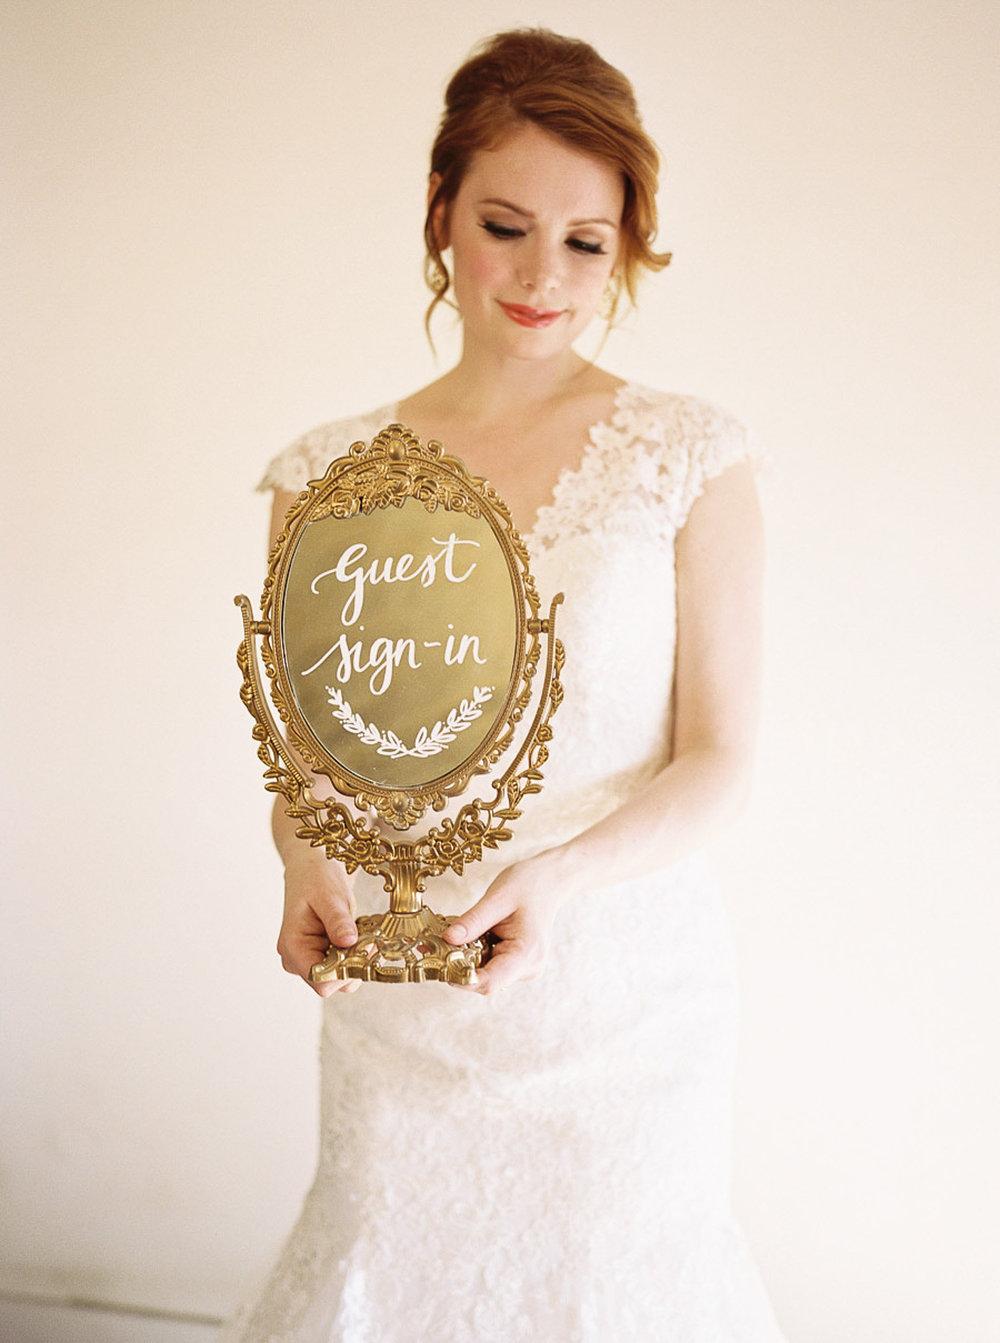 Lara_Lam_Vintage_Heirloom_wedding_photographer_Etablir_shop_vintage_rental101.jpg